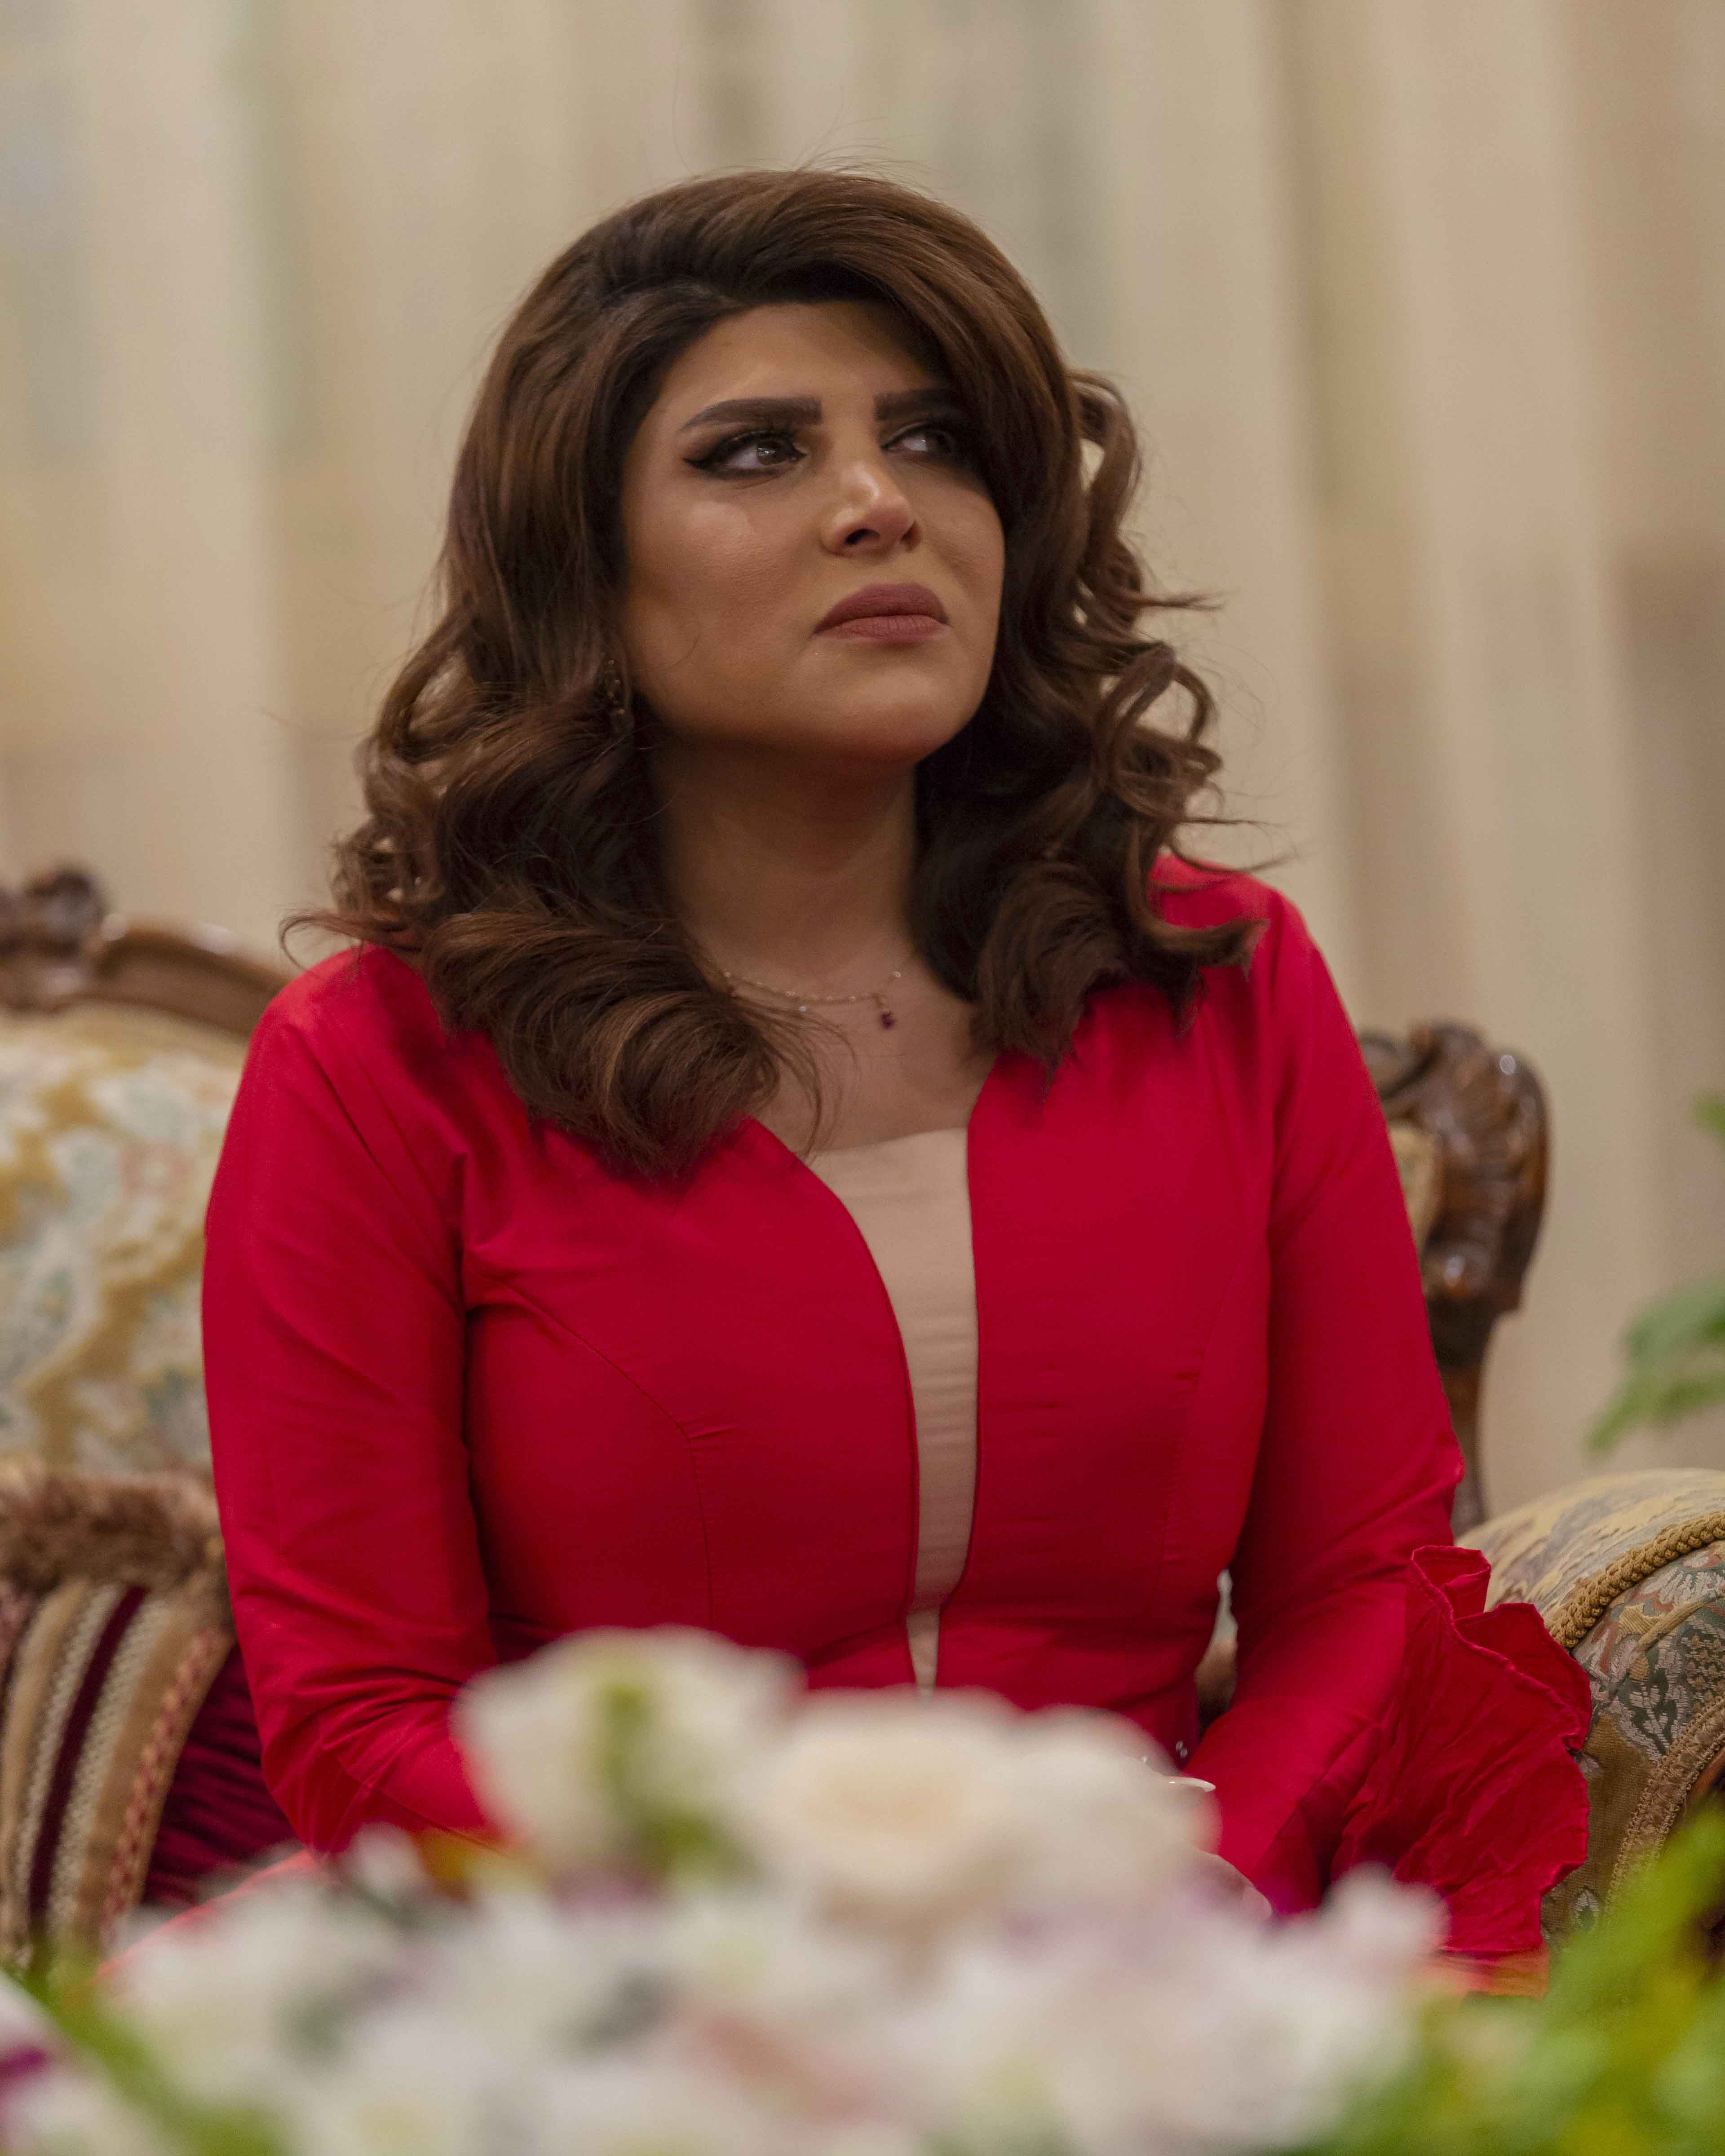 """أسمهان توفيق تضحي بالغالي والنفيس لأجل عائلتها ضمن الدراما الخليجية """"عافك الخاطر"""""""